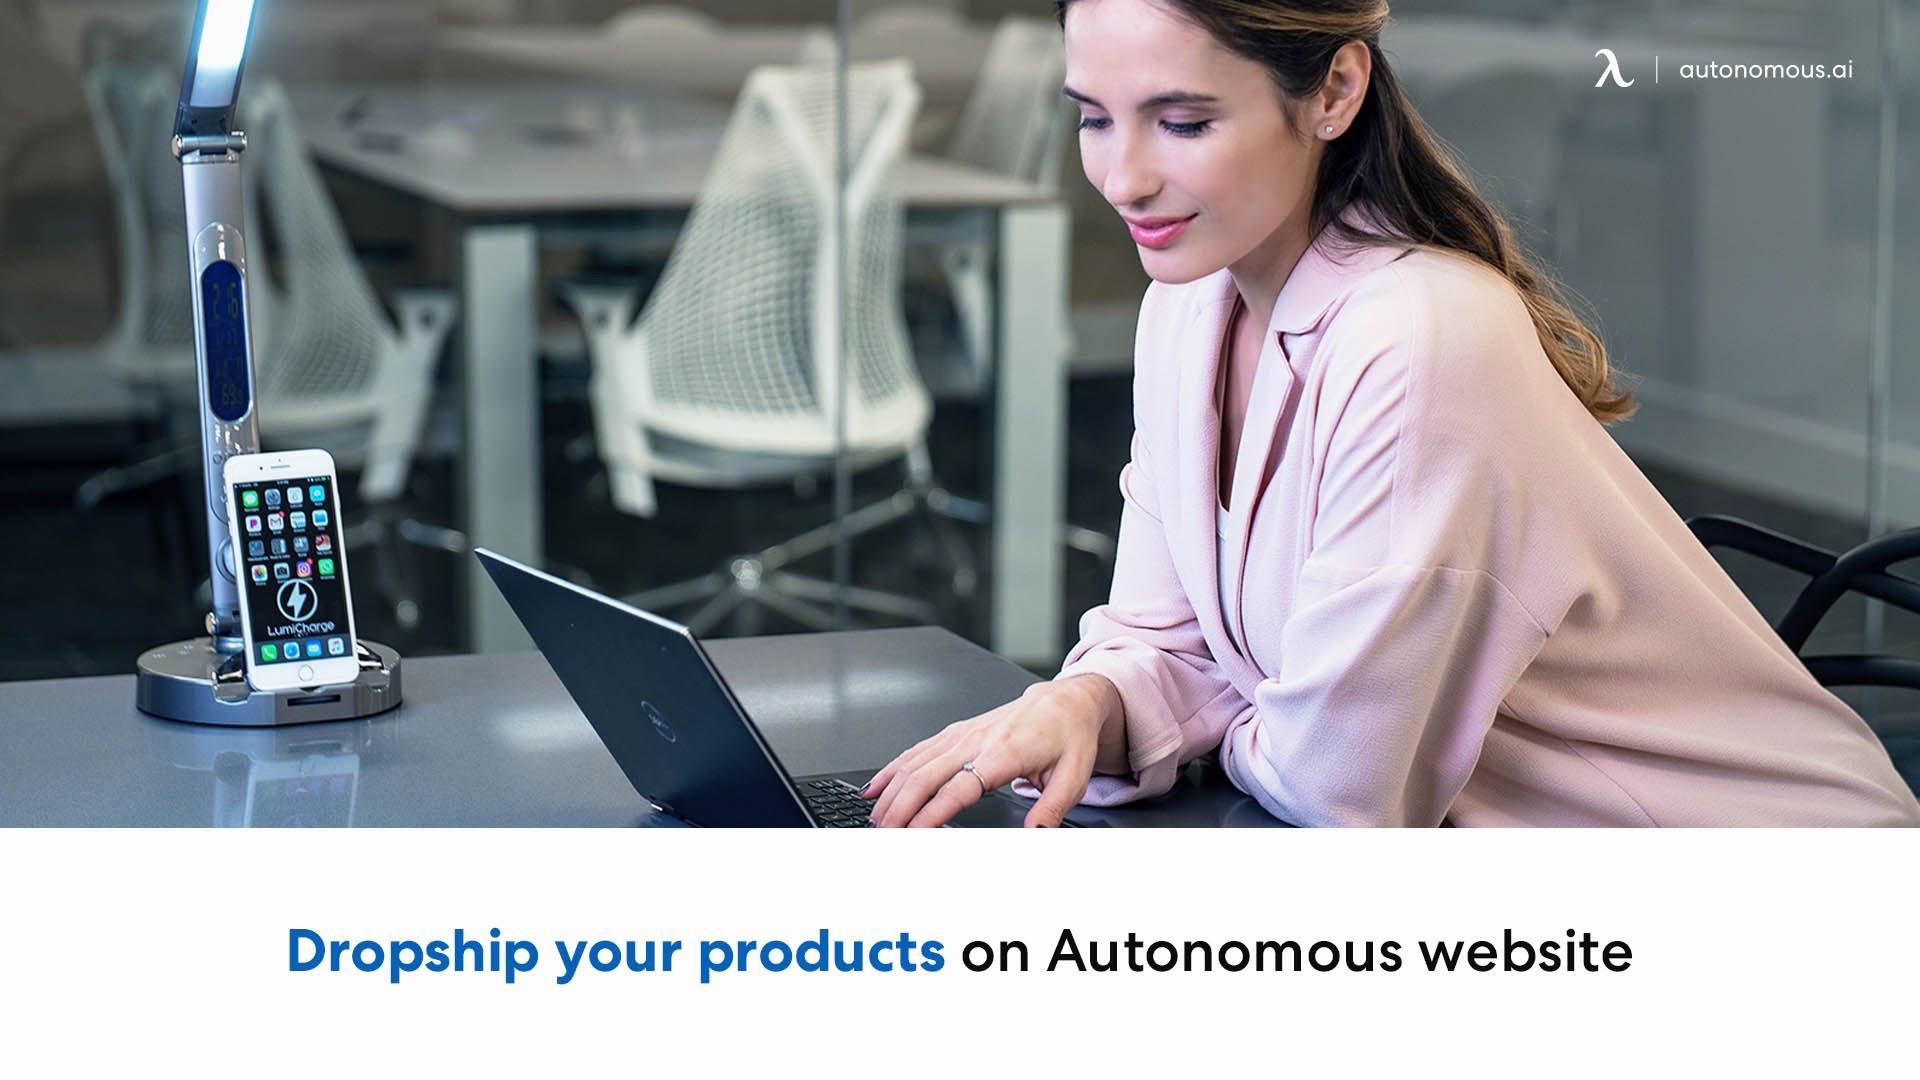 Dropship on Autonomous